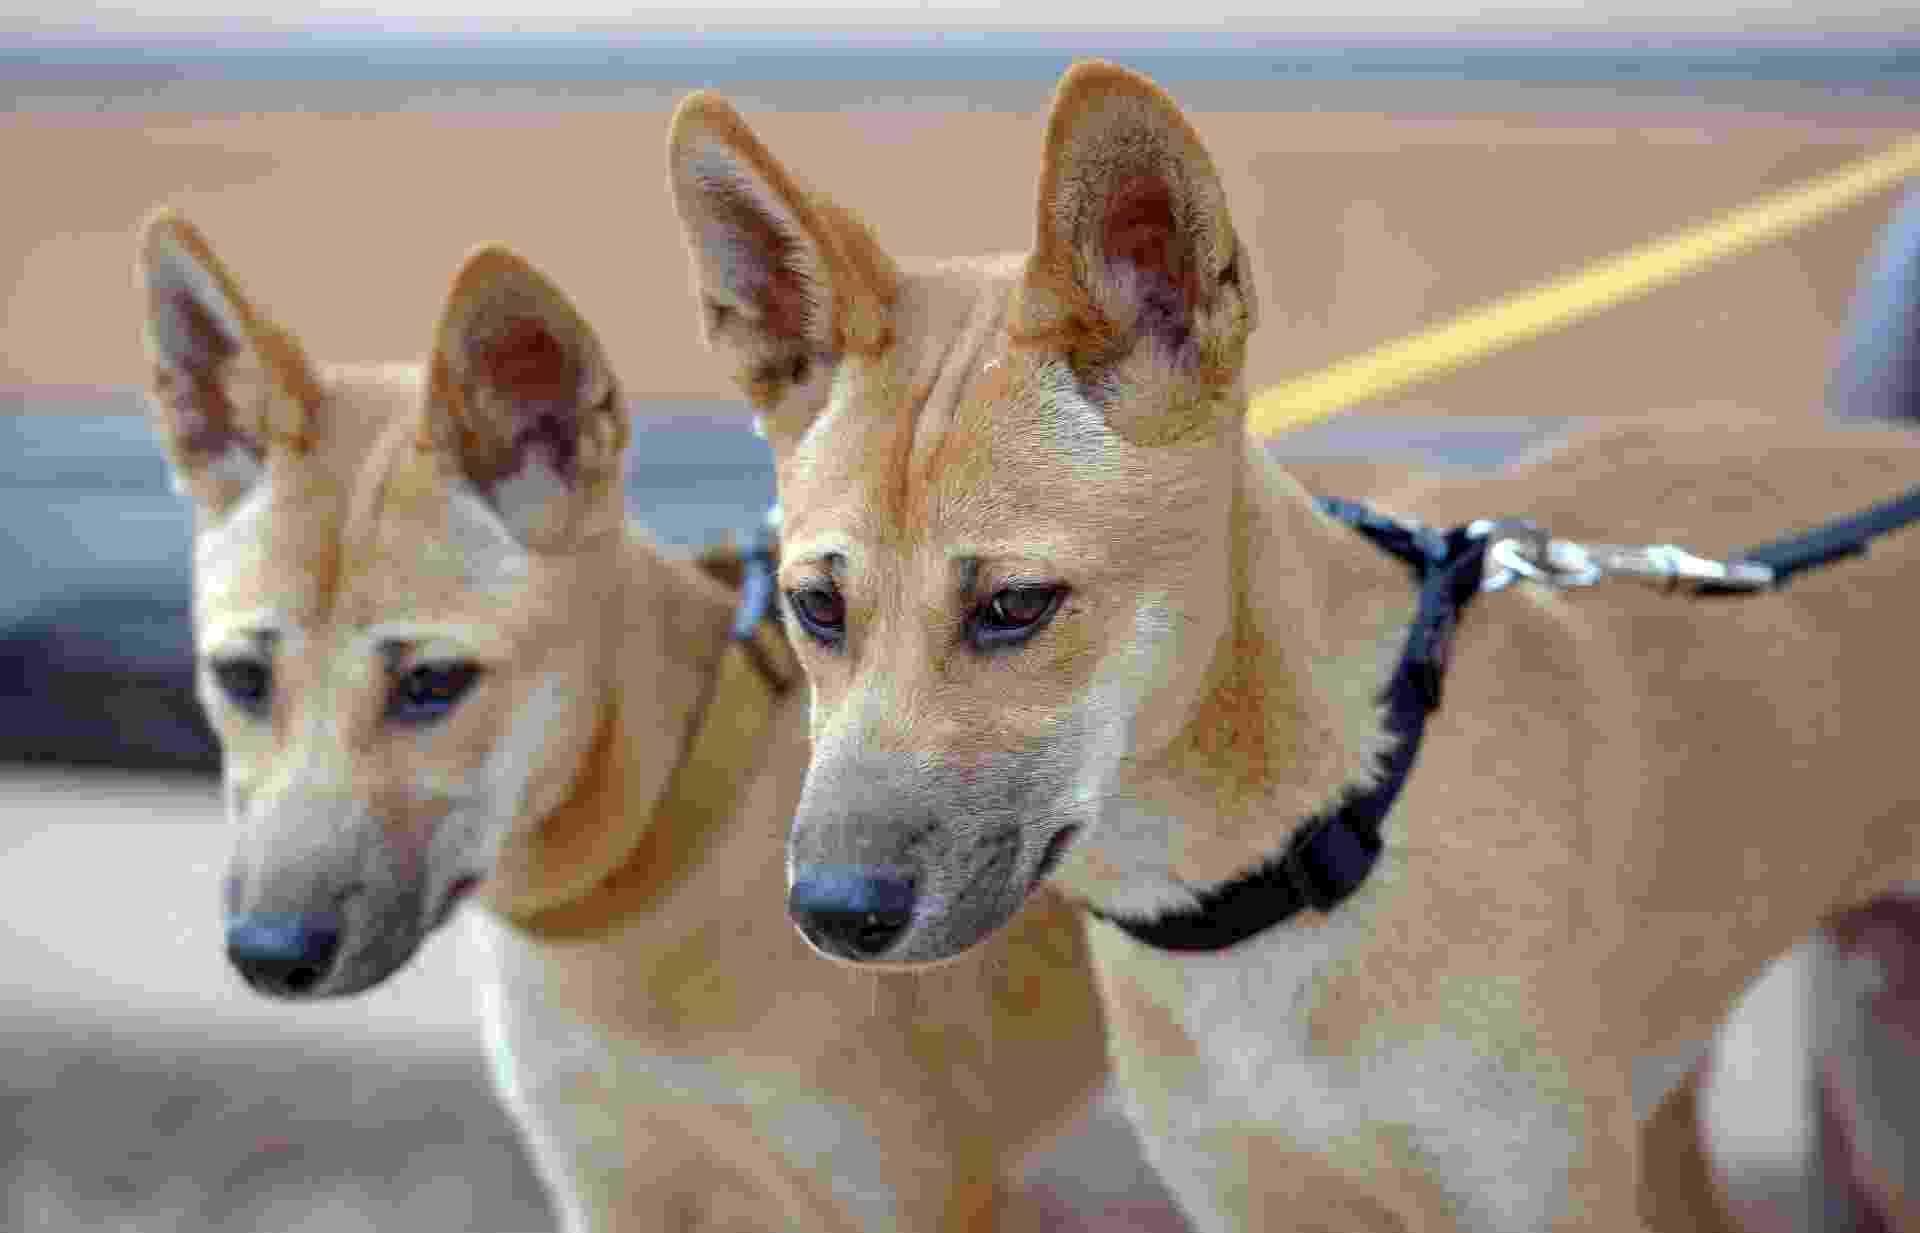 13.dez.2013 - Dingo, cão selvagem australiano, luta para se salvar da extinção - AFP/Greg Wood